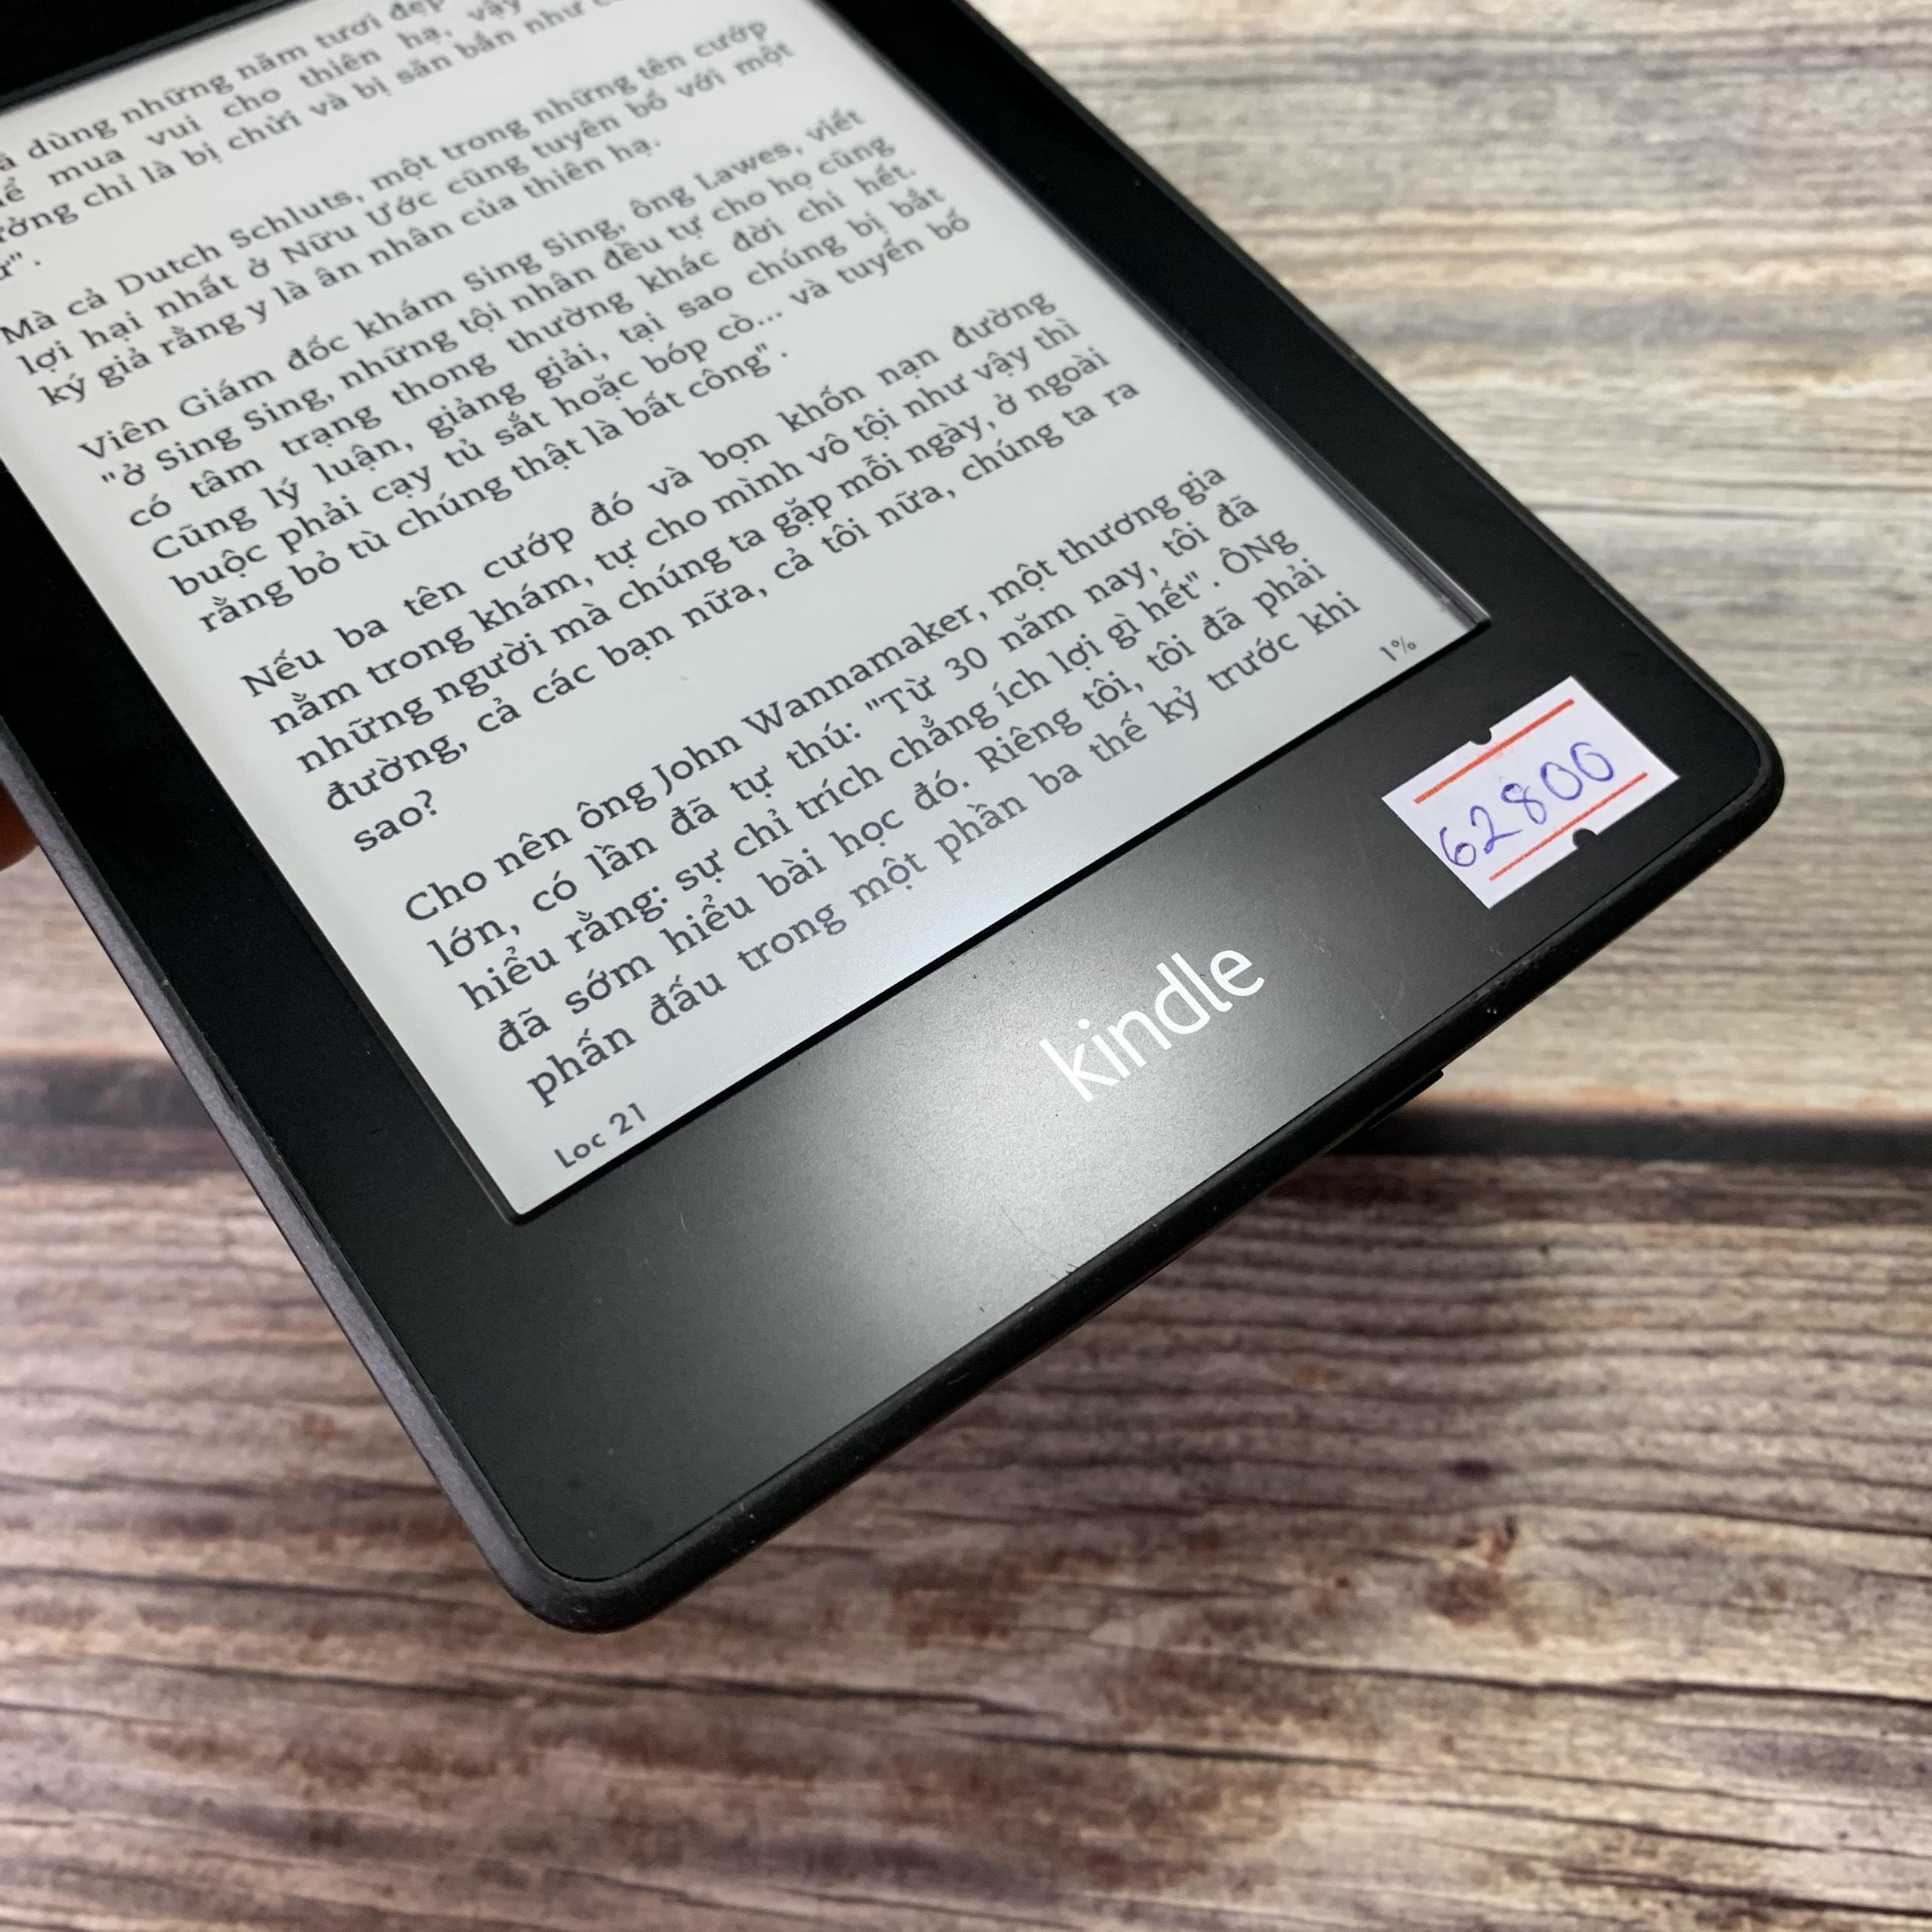 Máy Nhật Cũ] Máy Đọc Sách Kindle Paperwhite Gen 1 5th Code 62800